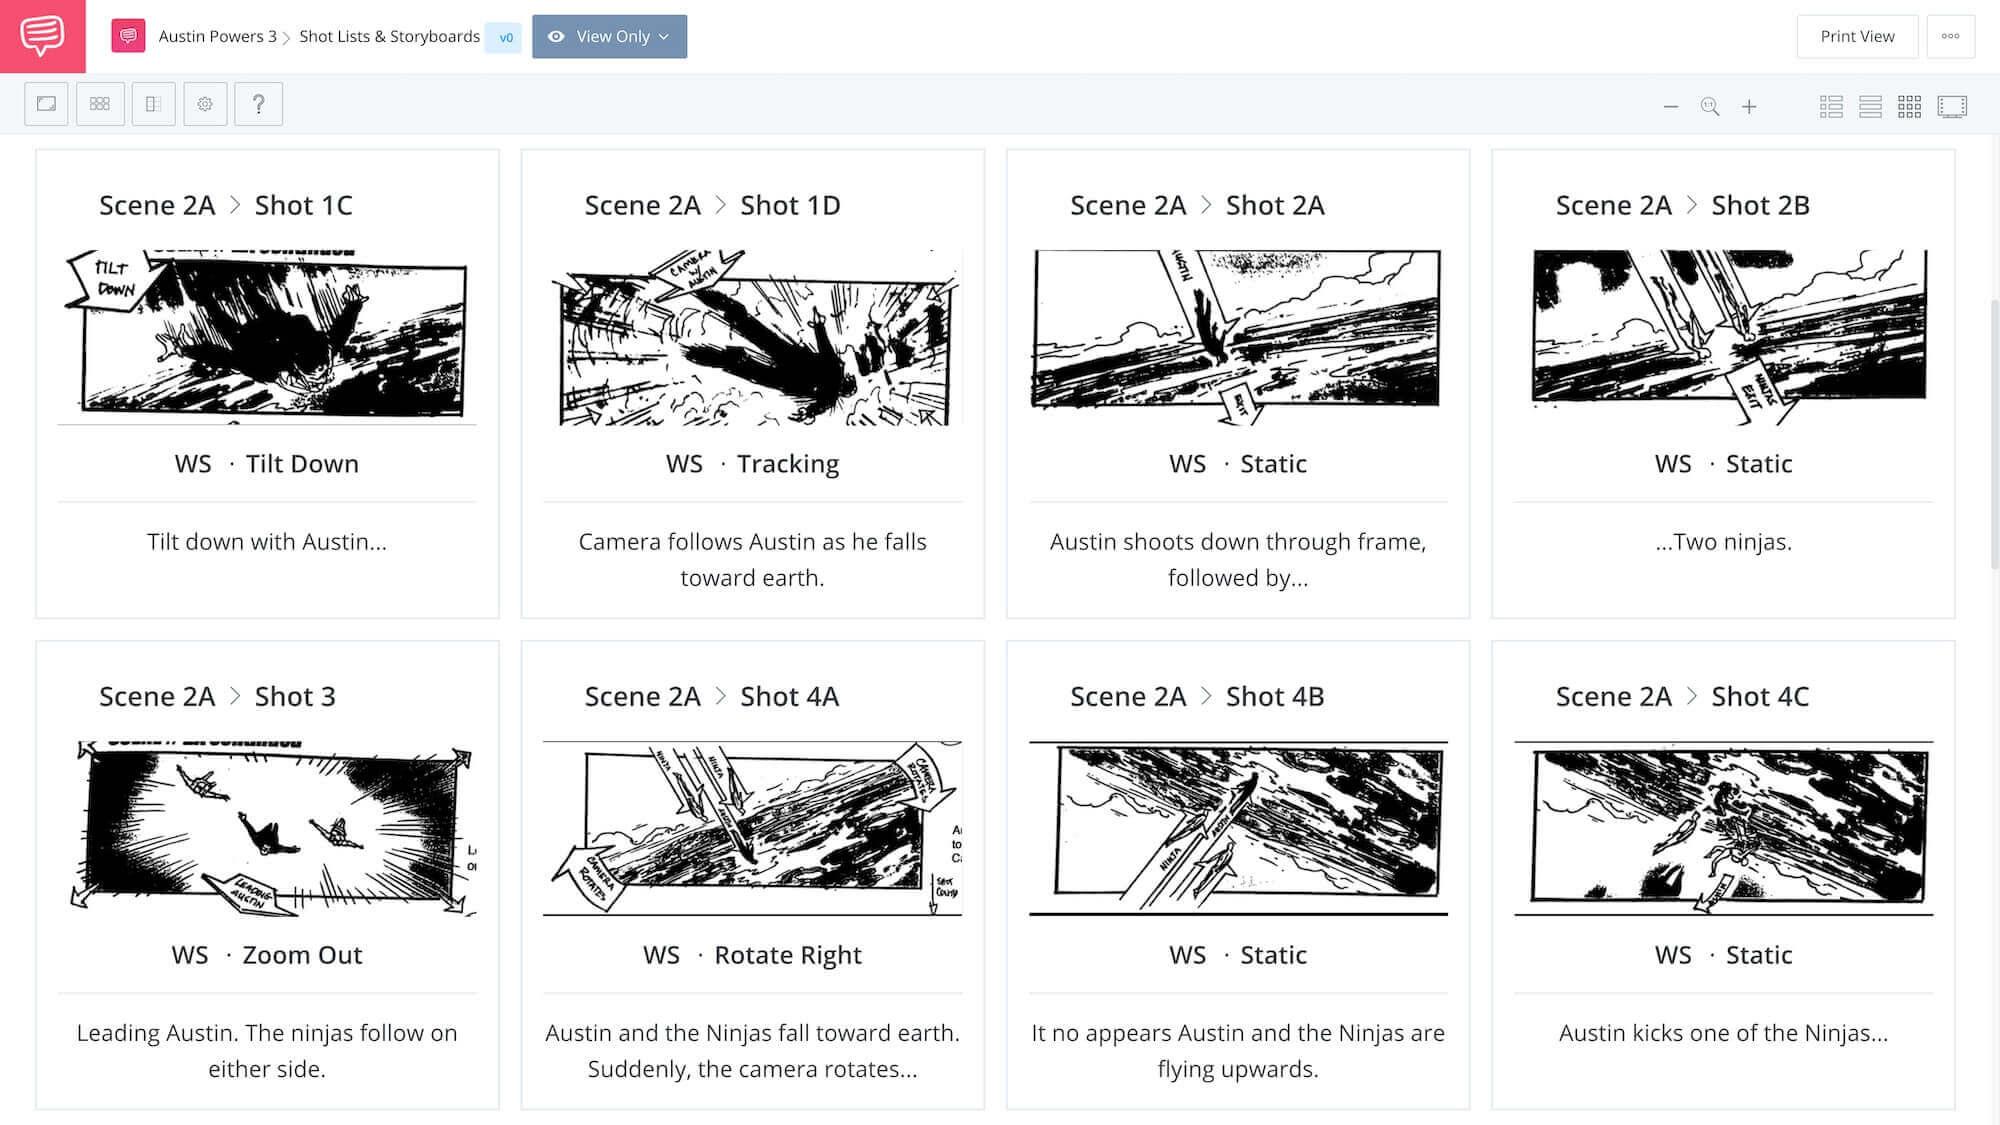 Sundance Jay Roach 2 Austin Powers - Space Ninja Scene App Tie-In - StudioBinder